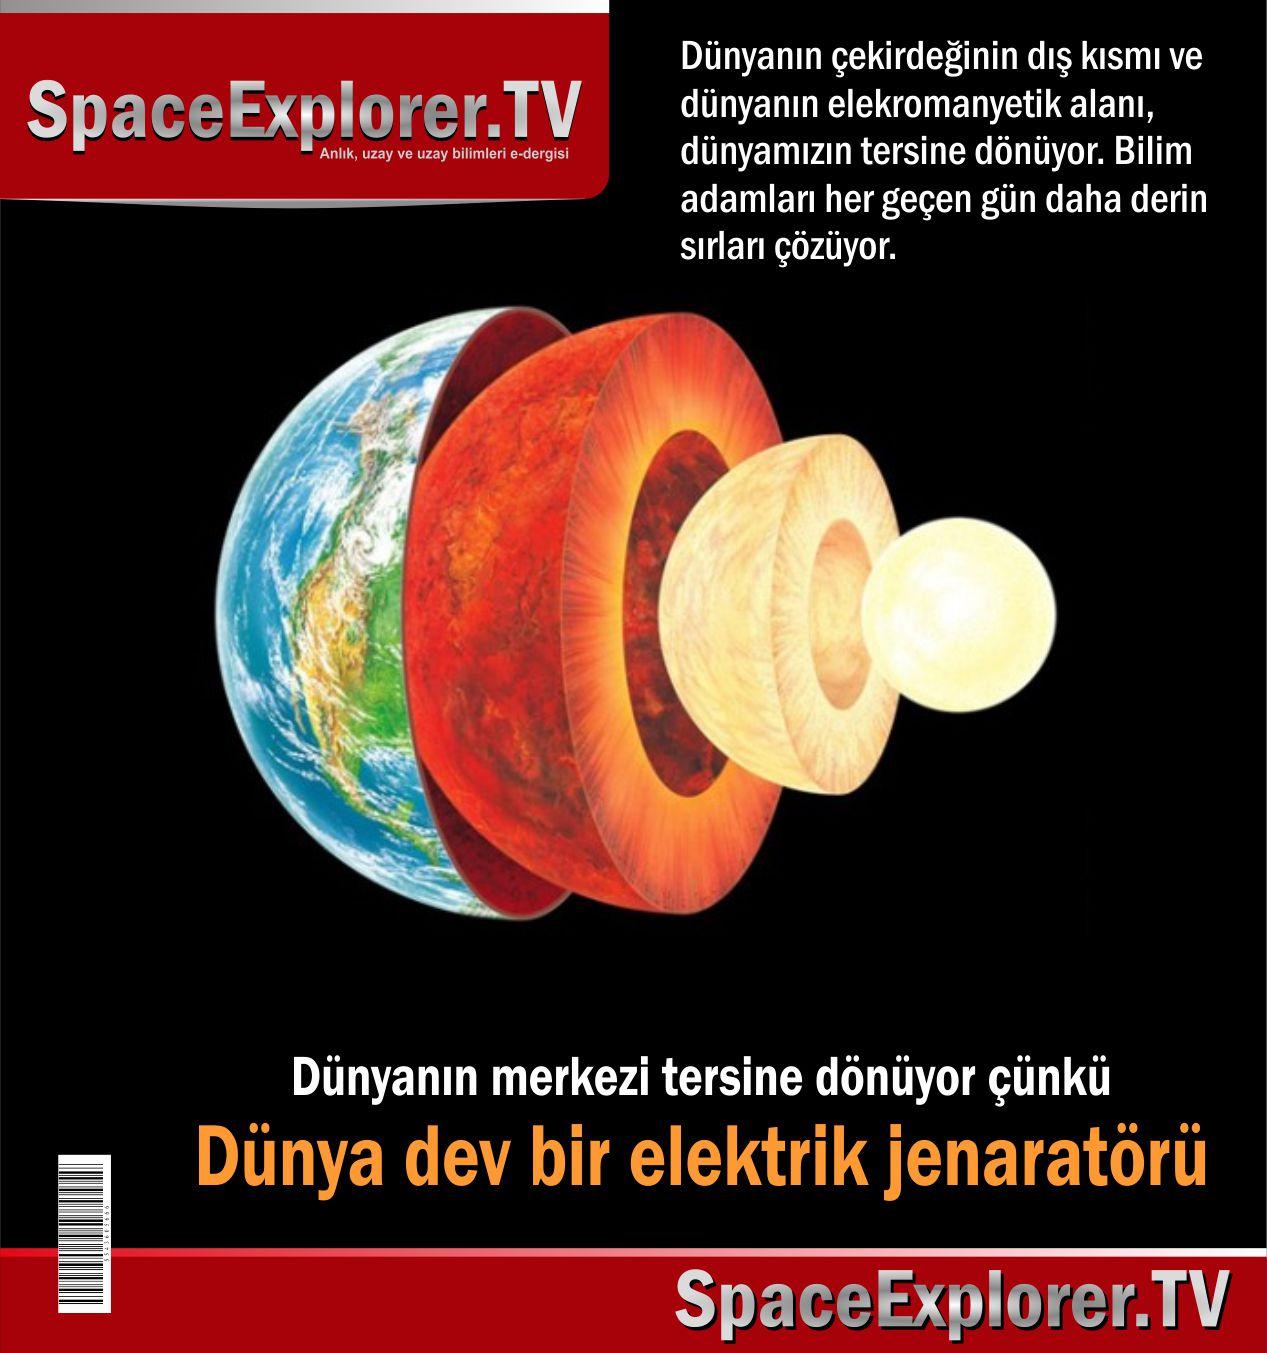 Dünya, Elektromanyetik savaş, Çekirdek, The Core, Videolar, Çekirdek filmi, Manyetik alan, İç çekirdek, Dış çekirdek, Şimşekler, Space Explorer,